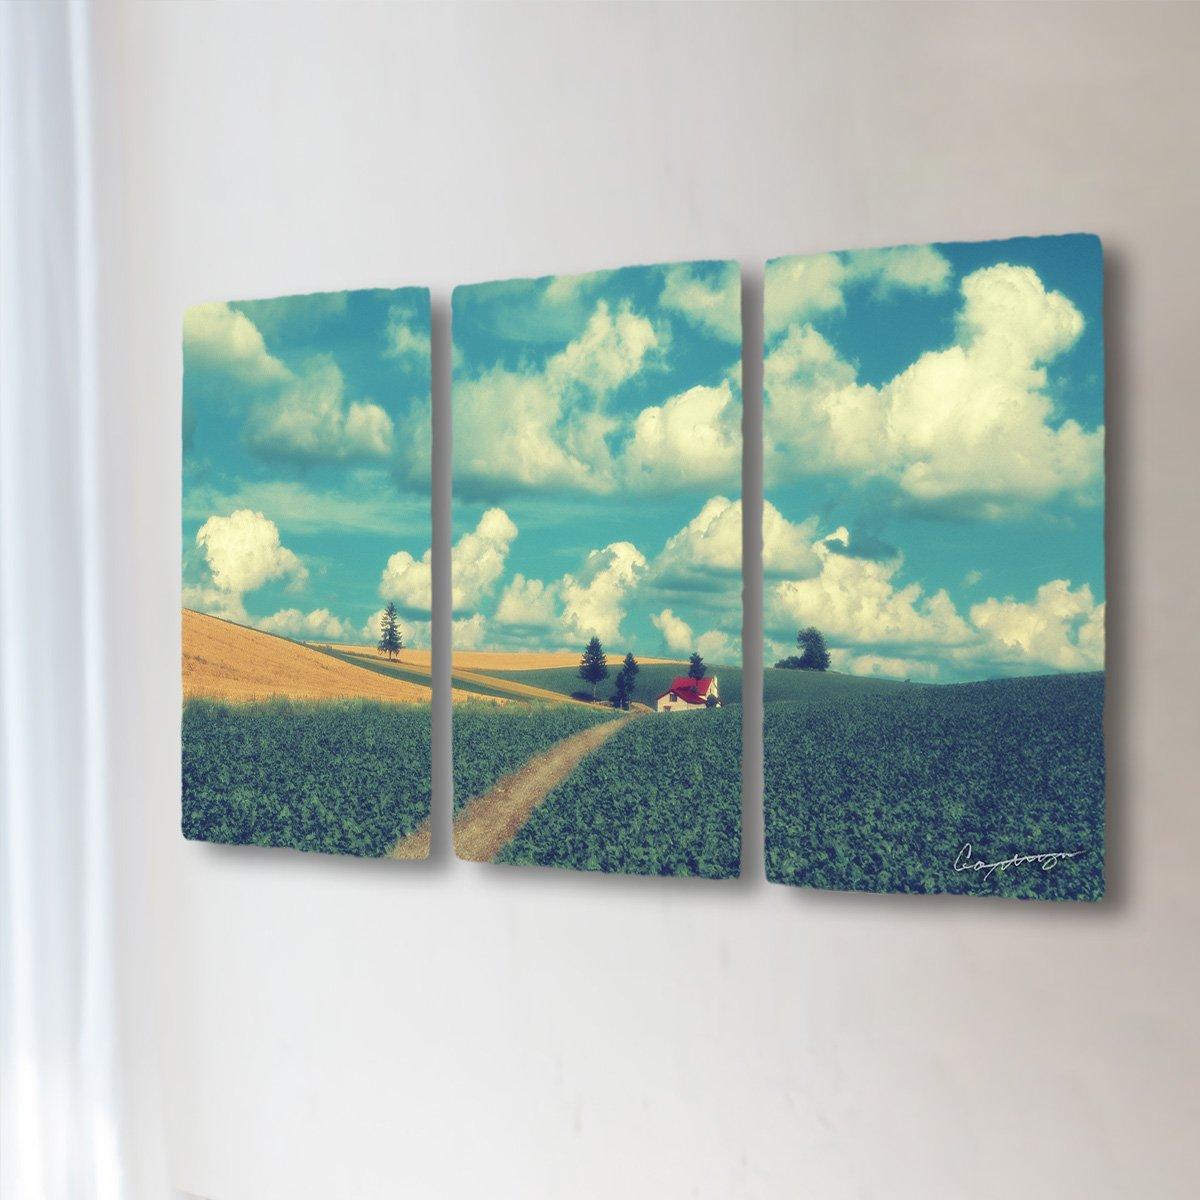 和紙 アートパネル 3枚 続き 「夏の雲とジャガイモ畑と赤い家へと続く道」 (80x45cm) 絵 絵画 壁掛け 壁飾り インテリア アート B07F5FQSY9 33.アートパネル3枚続き(長辺80cm) 48000円|夏の雲とジャガイモ畑と赤い家へと続く道 夏の雲とジャガイモ畑と赤い家へと続く道 33.アートパネル3枚続き(長辺80cm) 48000円